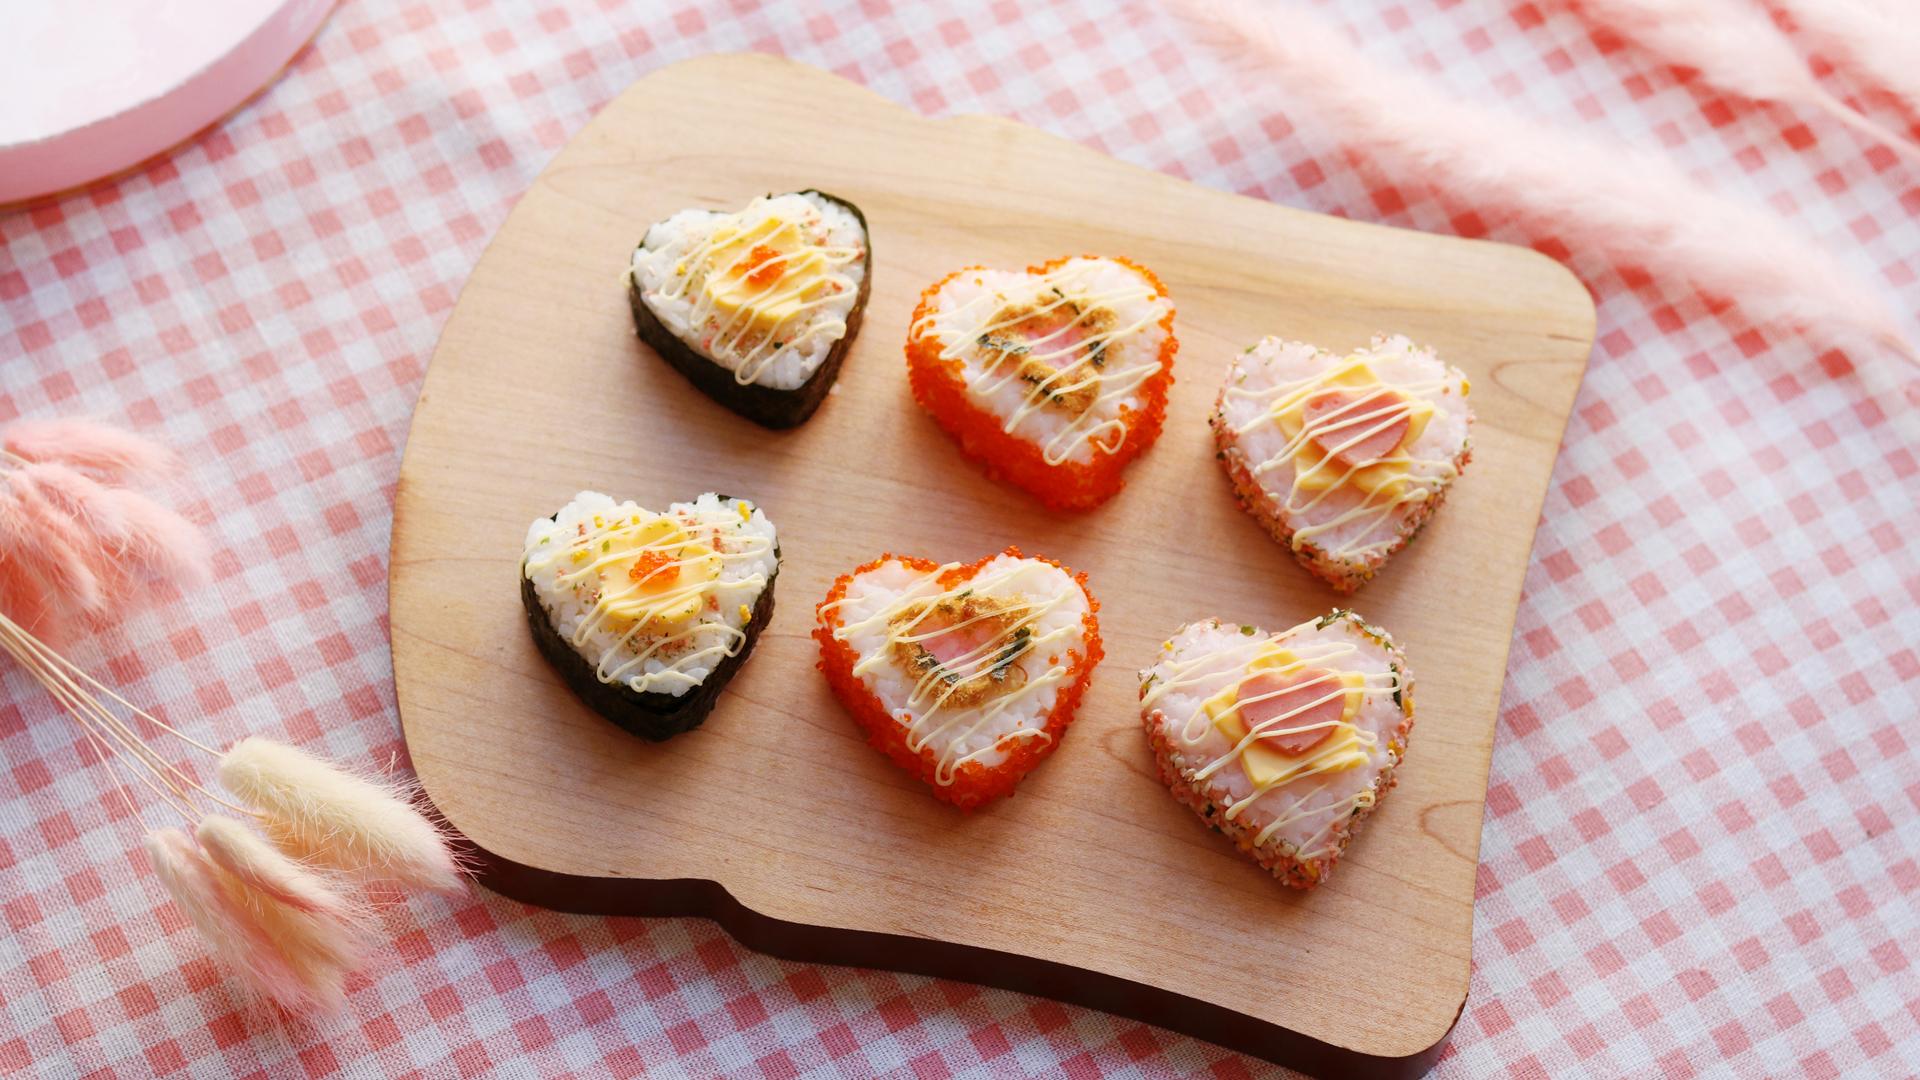 美�yn��g(�)�kK�X��ik�j_心形寿司卷-丘比沙拉酱的做法_菜谱_豆果美食